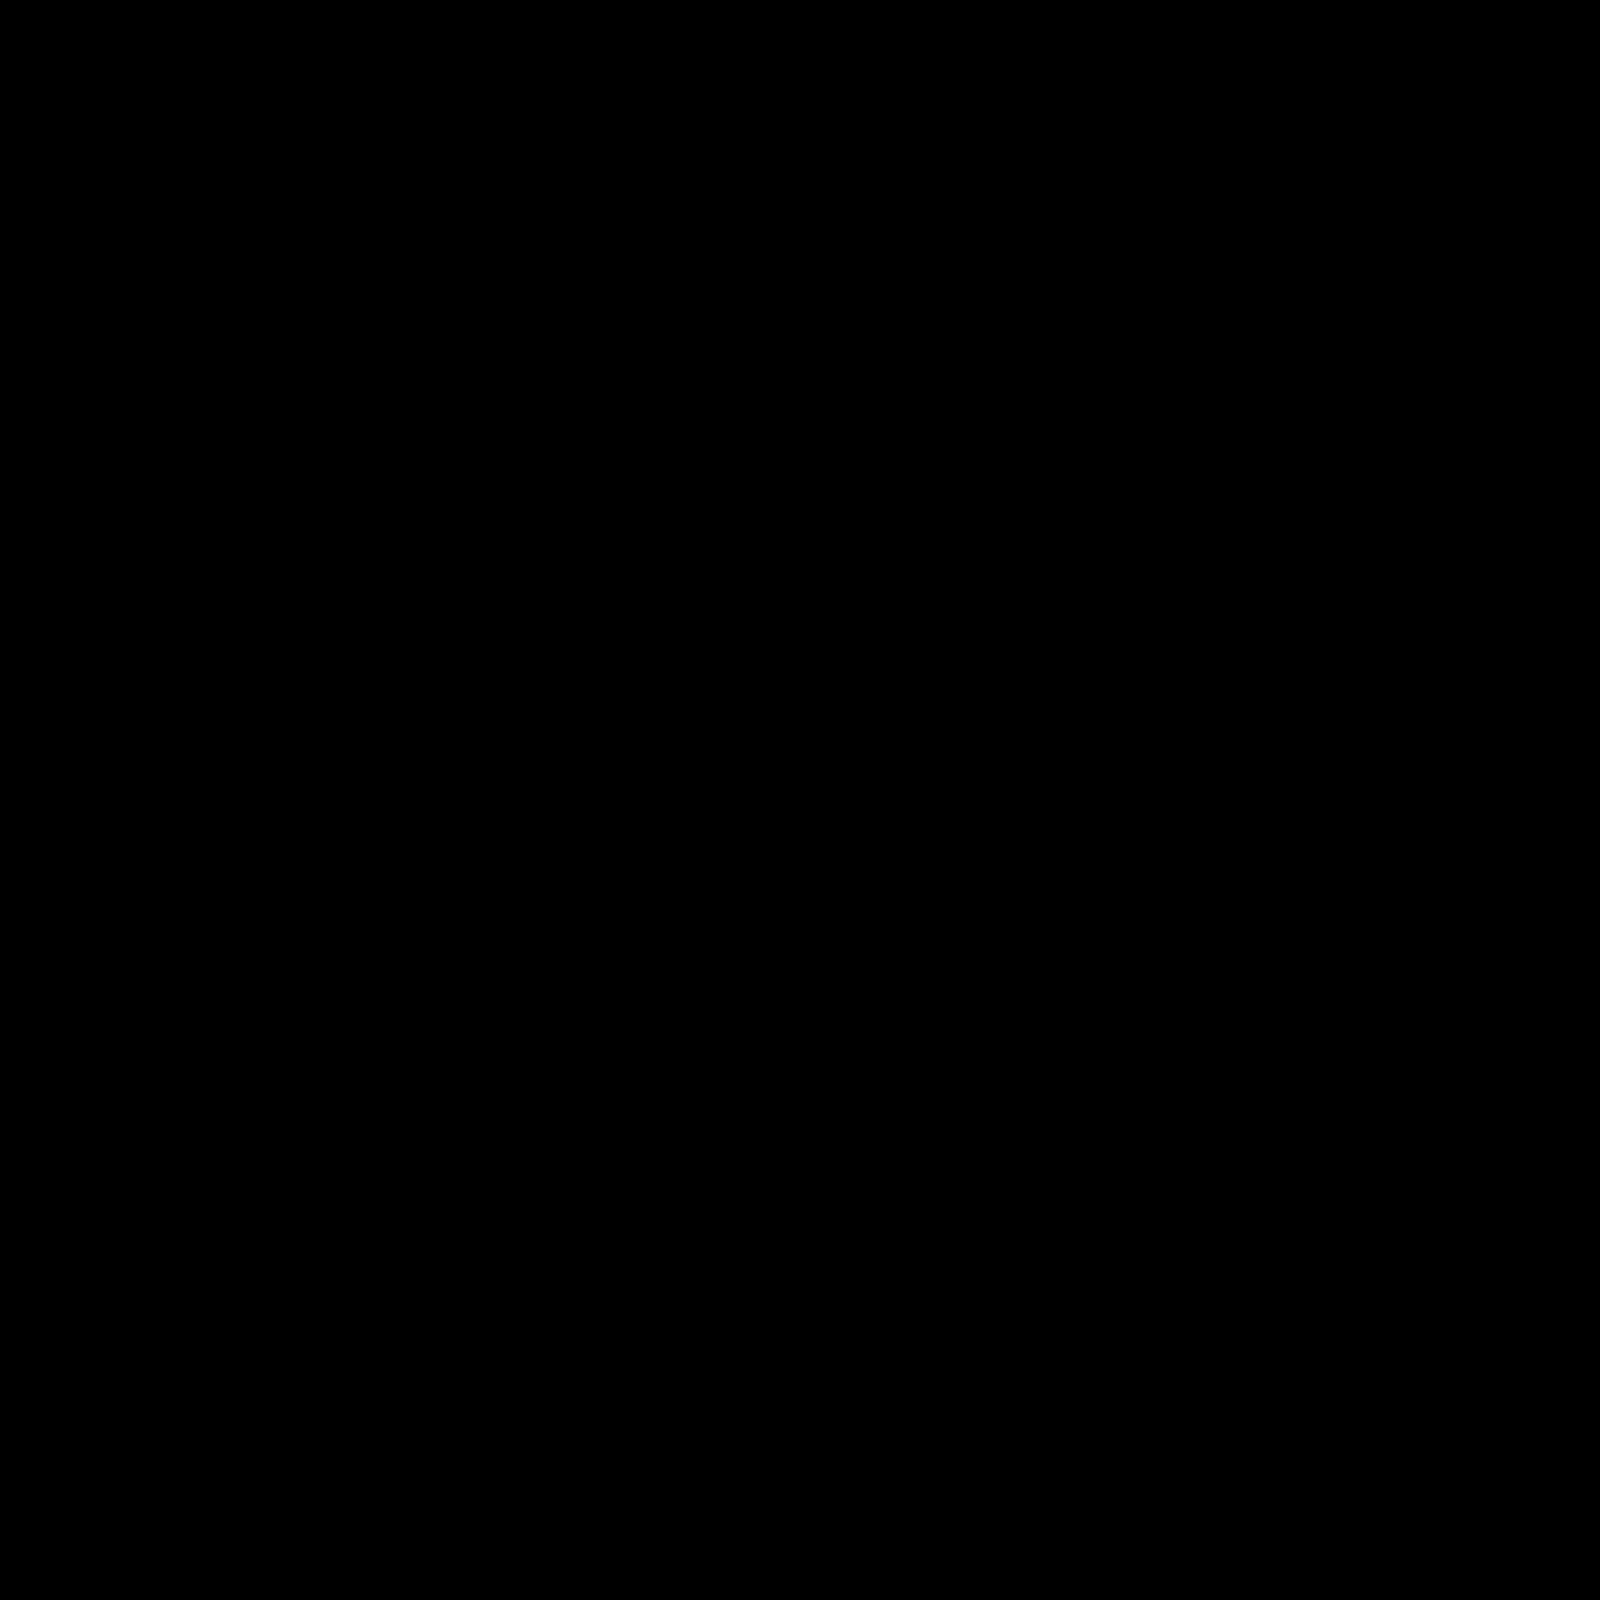 牛年 icon. This icon represents the head of an ox or could be seen as a cow or bull. It has two half ovals for eyes made to make him look angry. He has two curved horns that are both pointed at the end with two ears below them